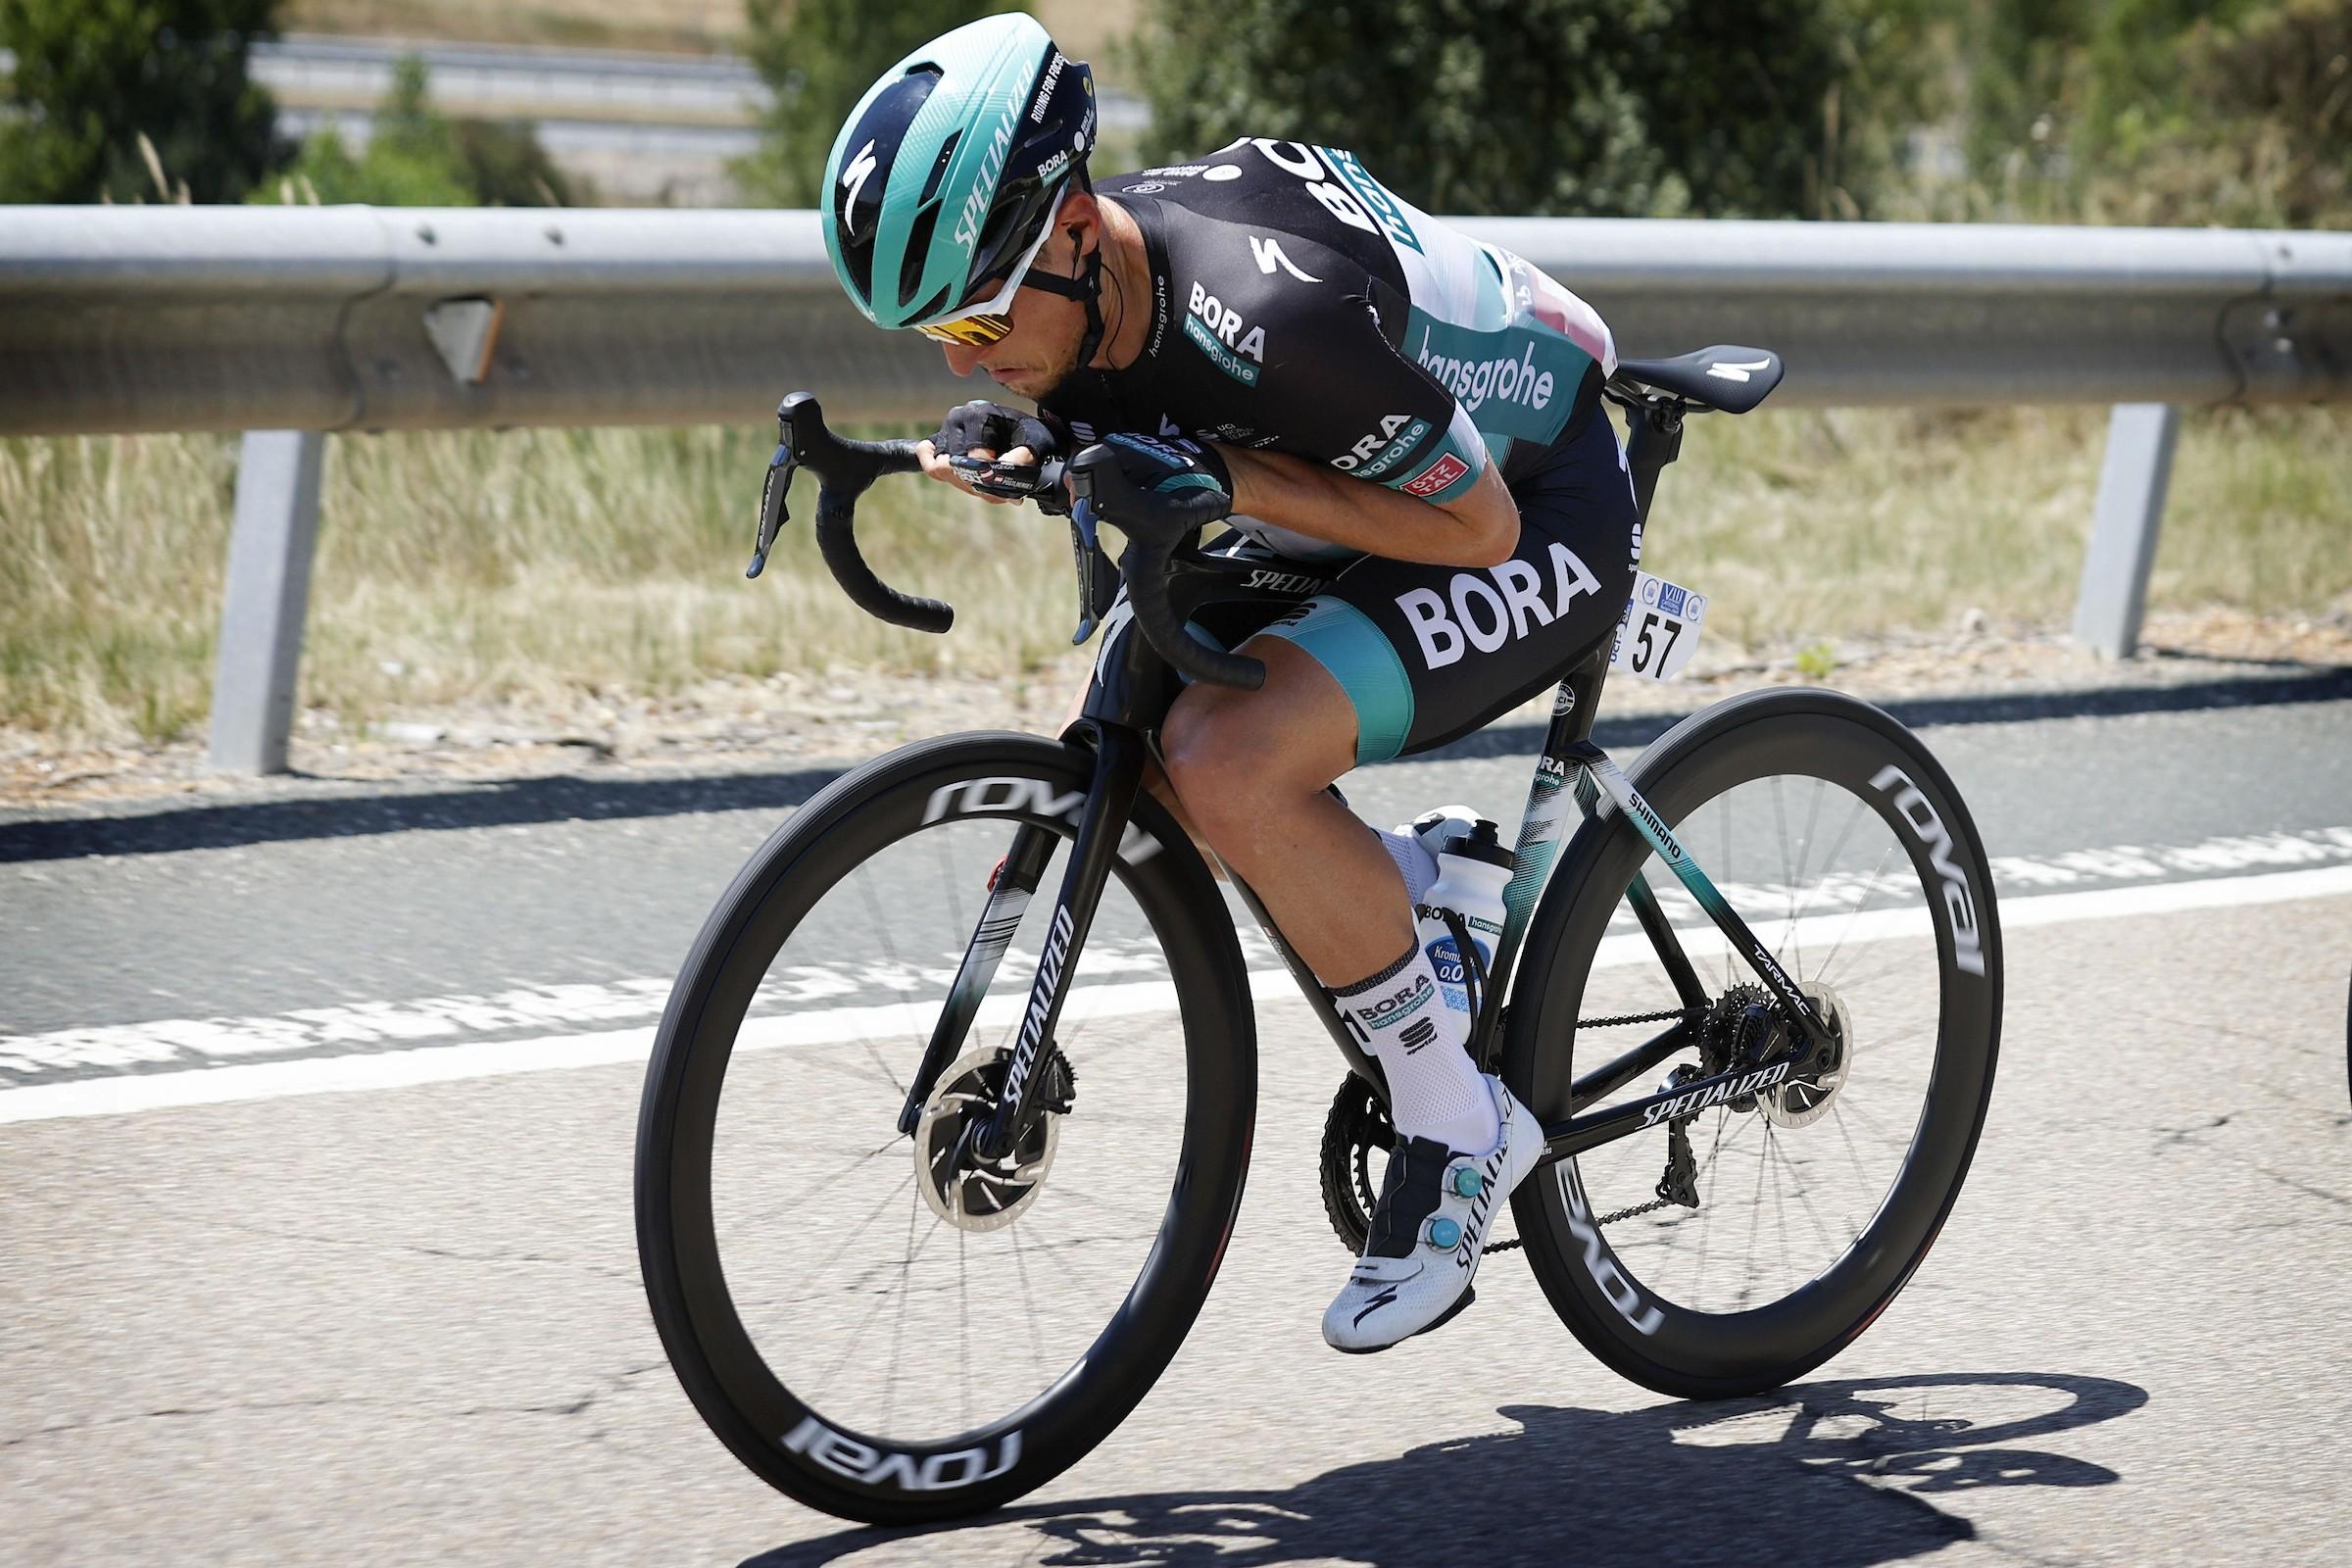 Vuelta Burgos 2020 stage 2, Specialized Tarmac SL7